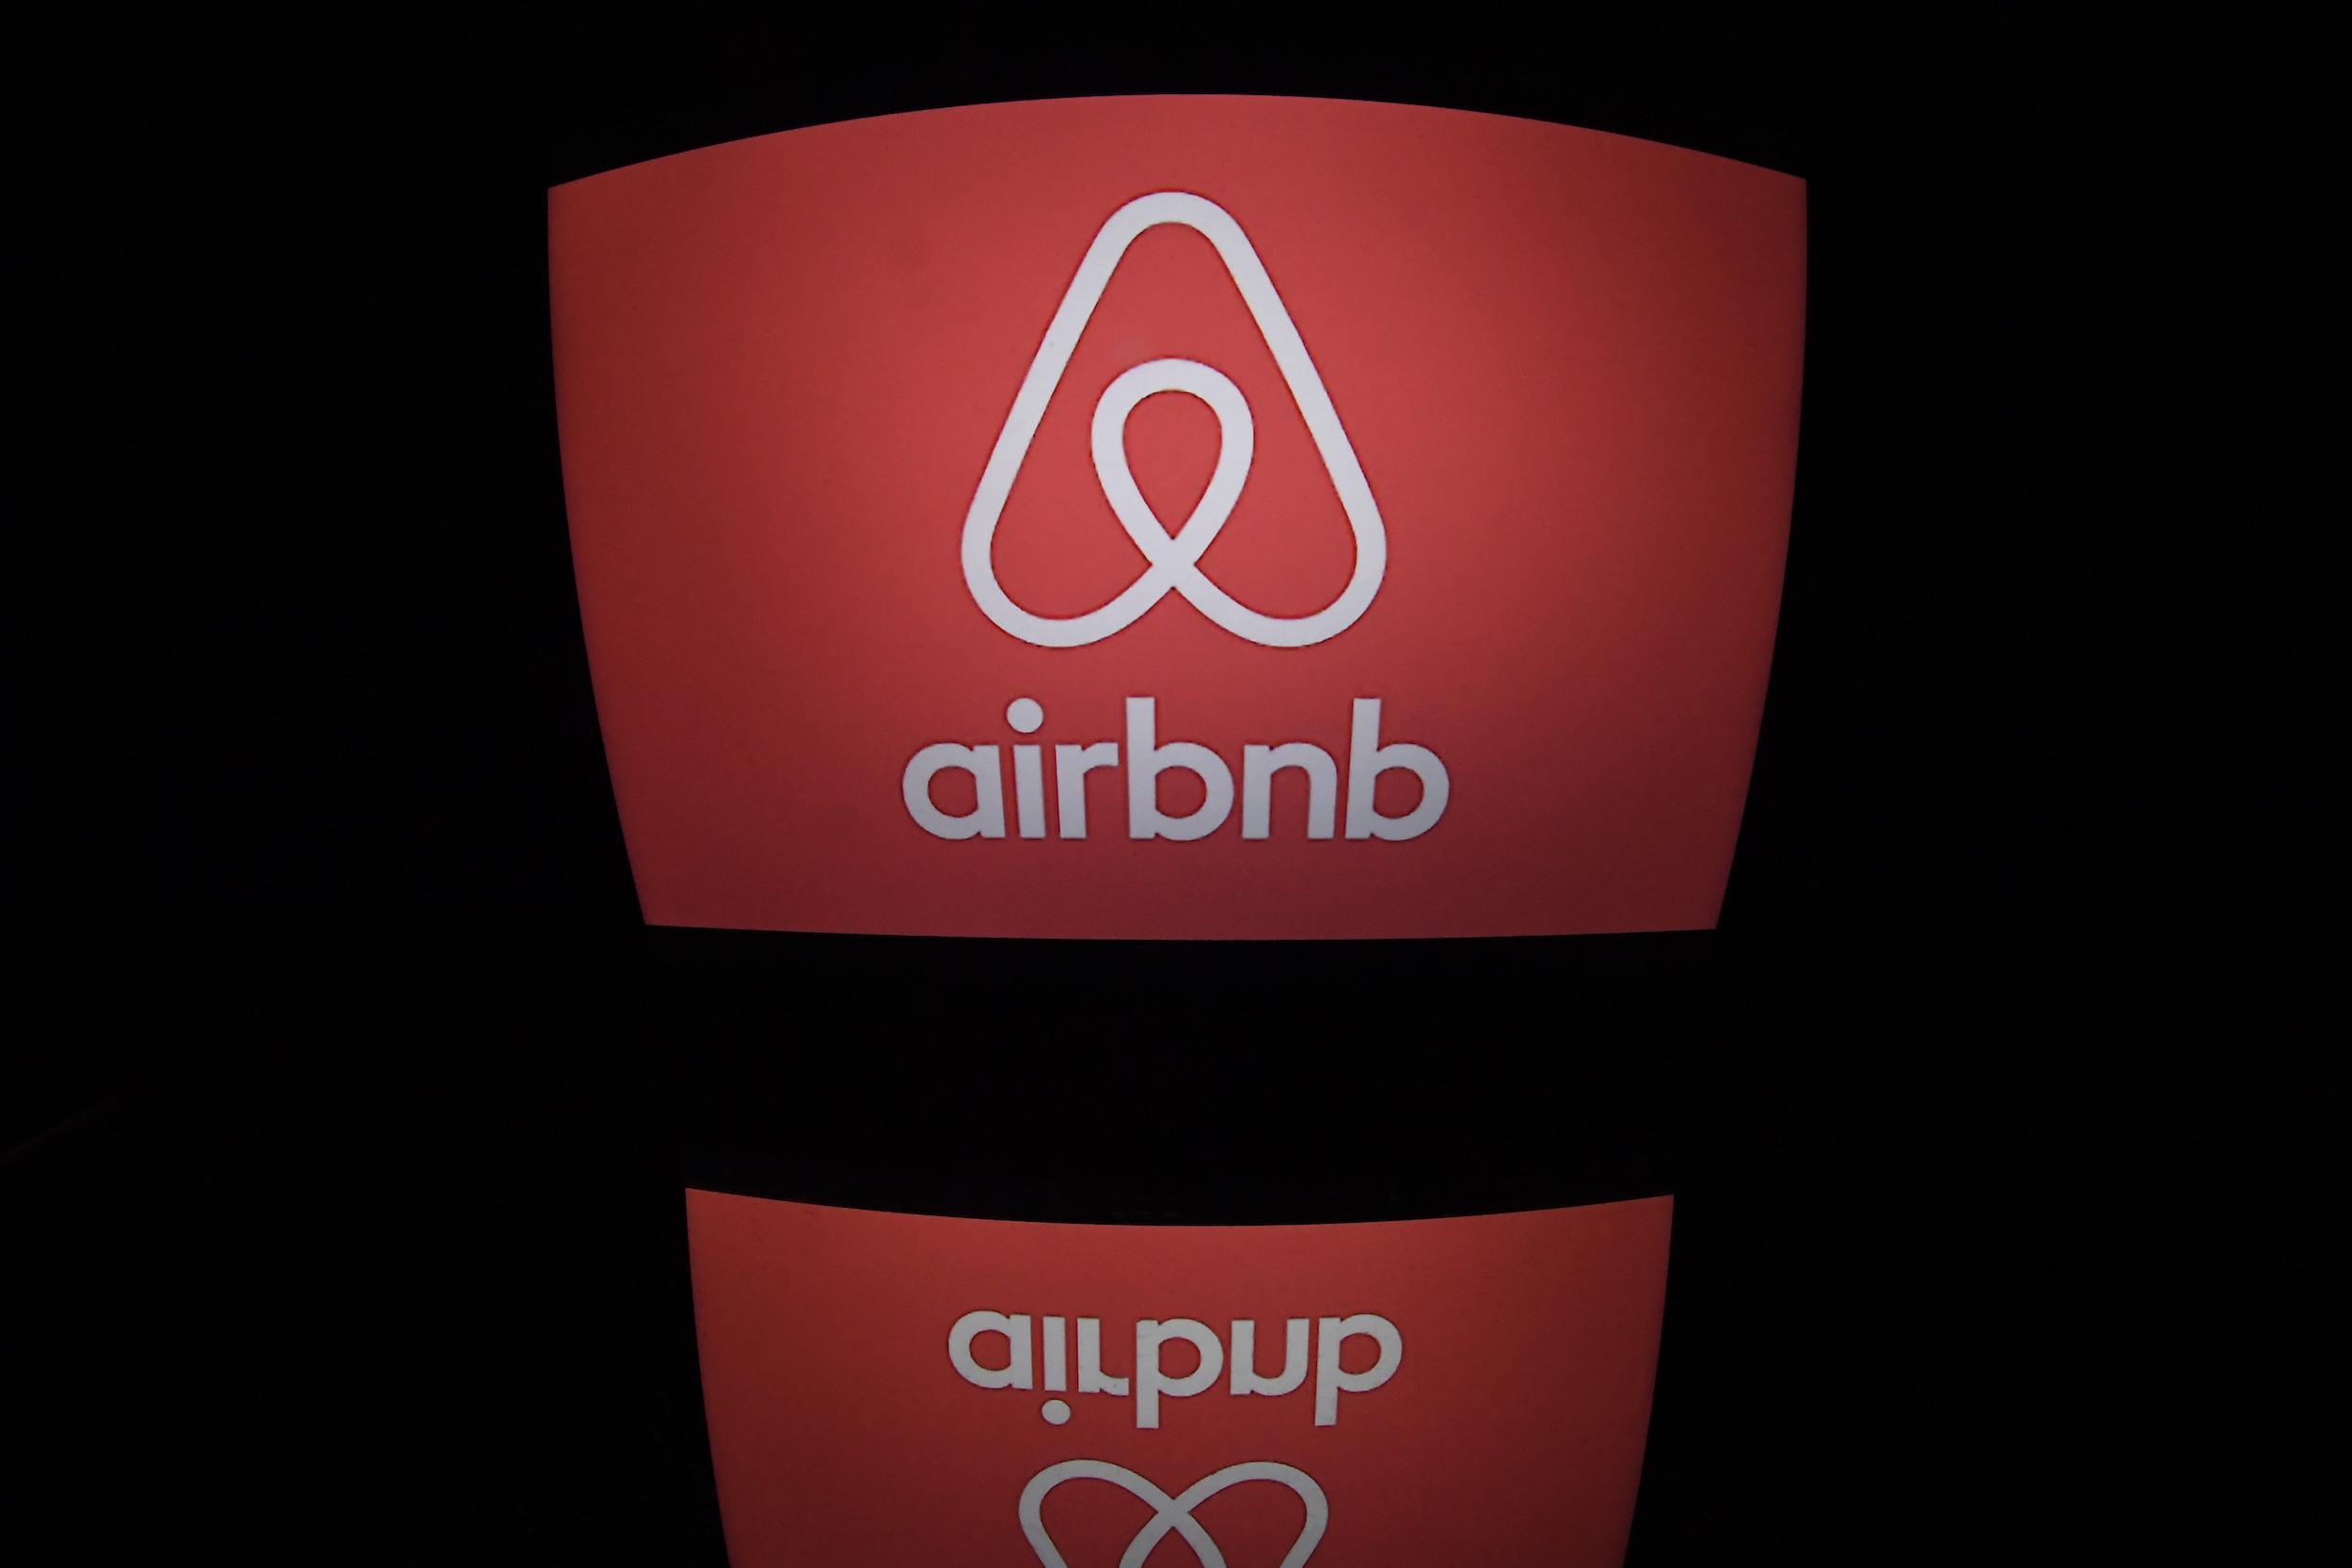 5.000 euros d'amende pour un commentaire raciste sur airbnb | www